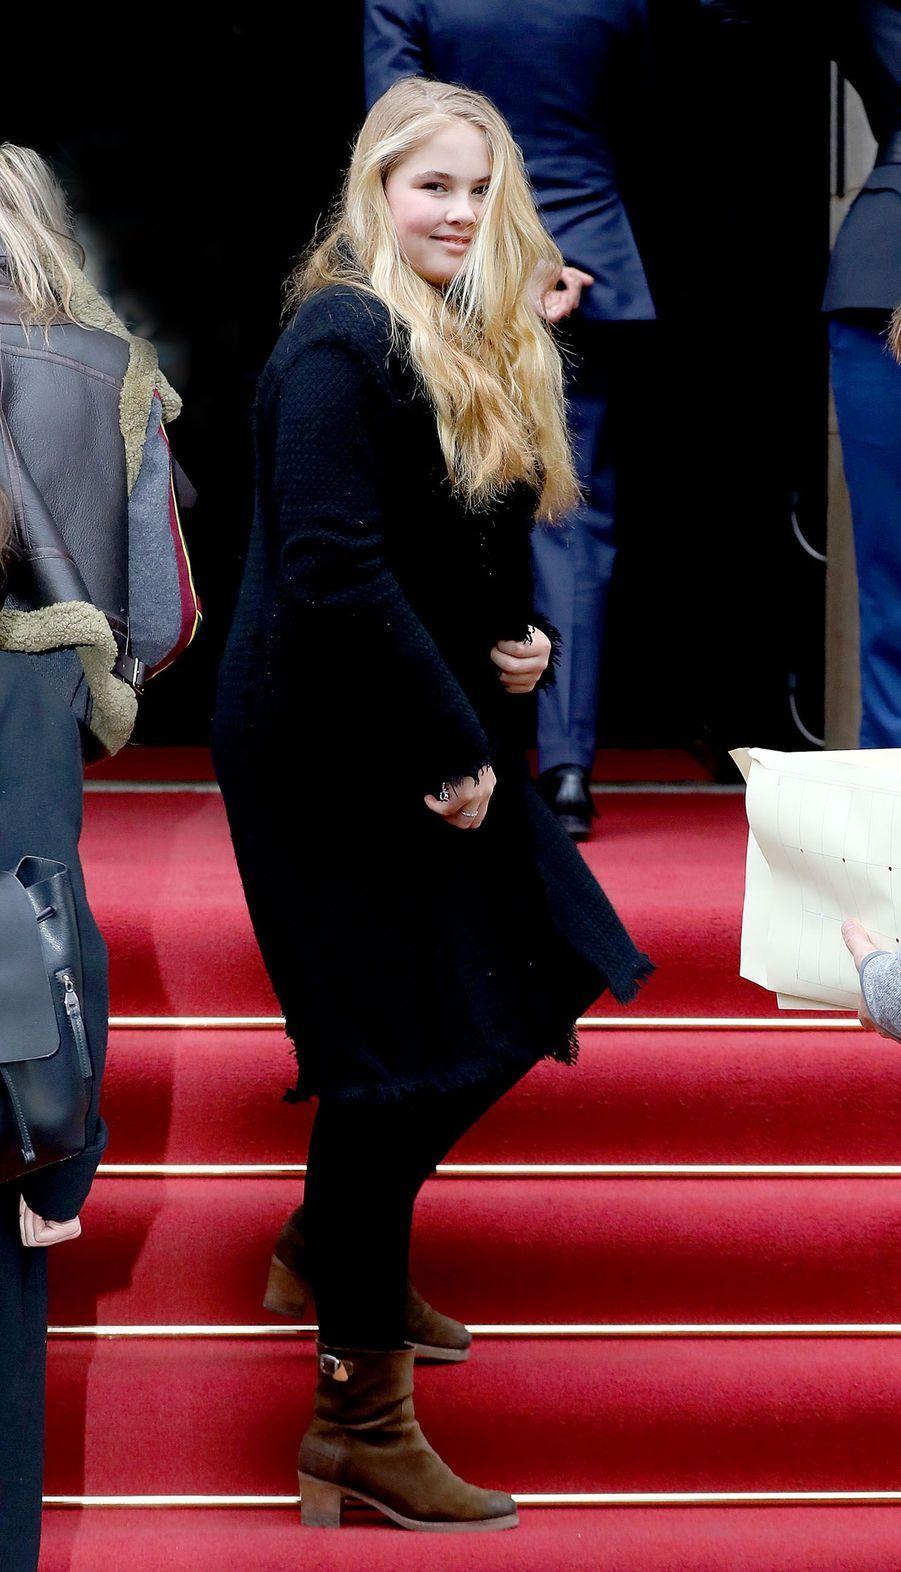 La princesse Catharina-Amalia des Pays-Bas à Amsterdam, le 3 février 2018